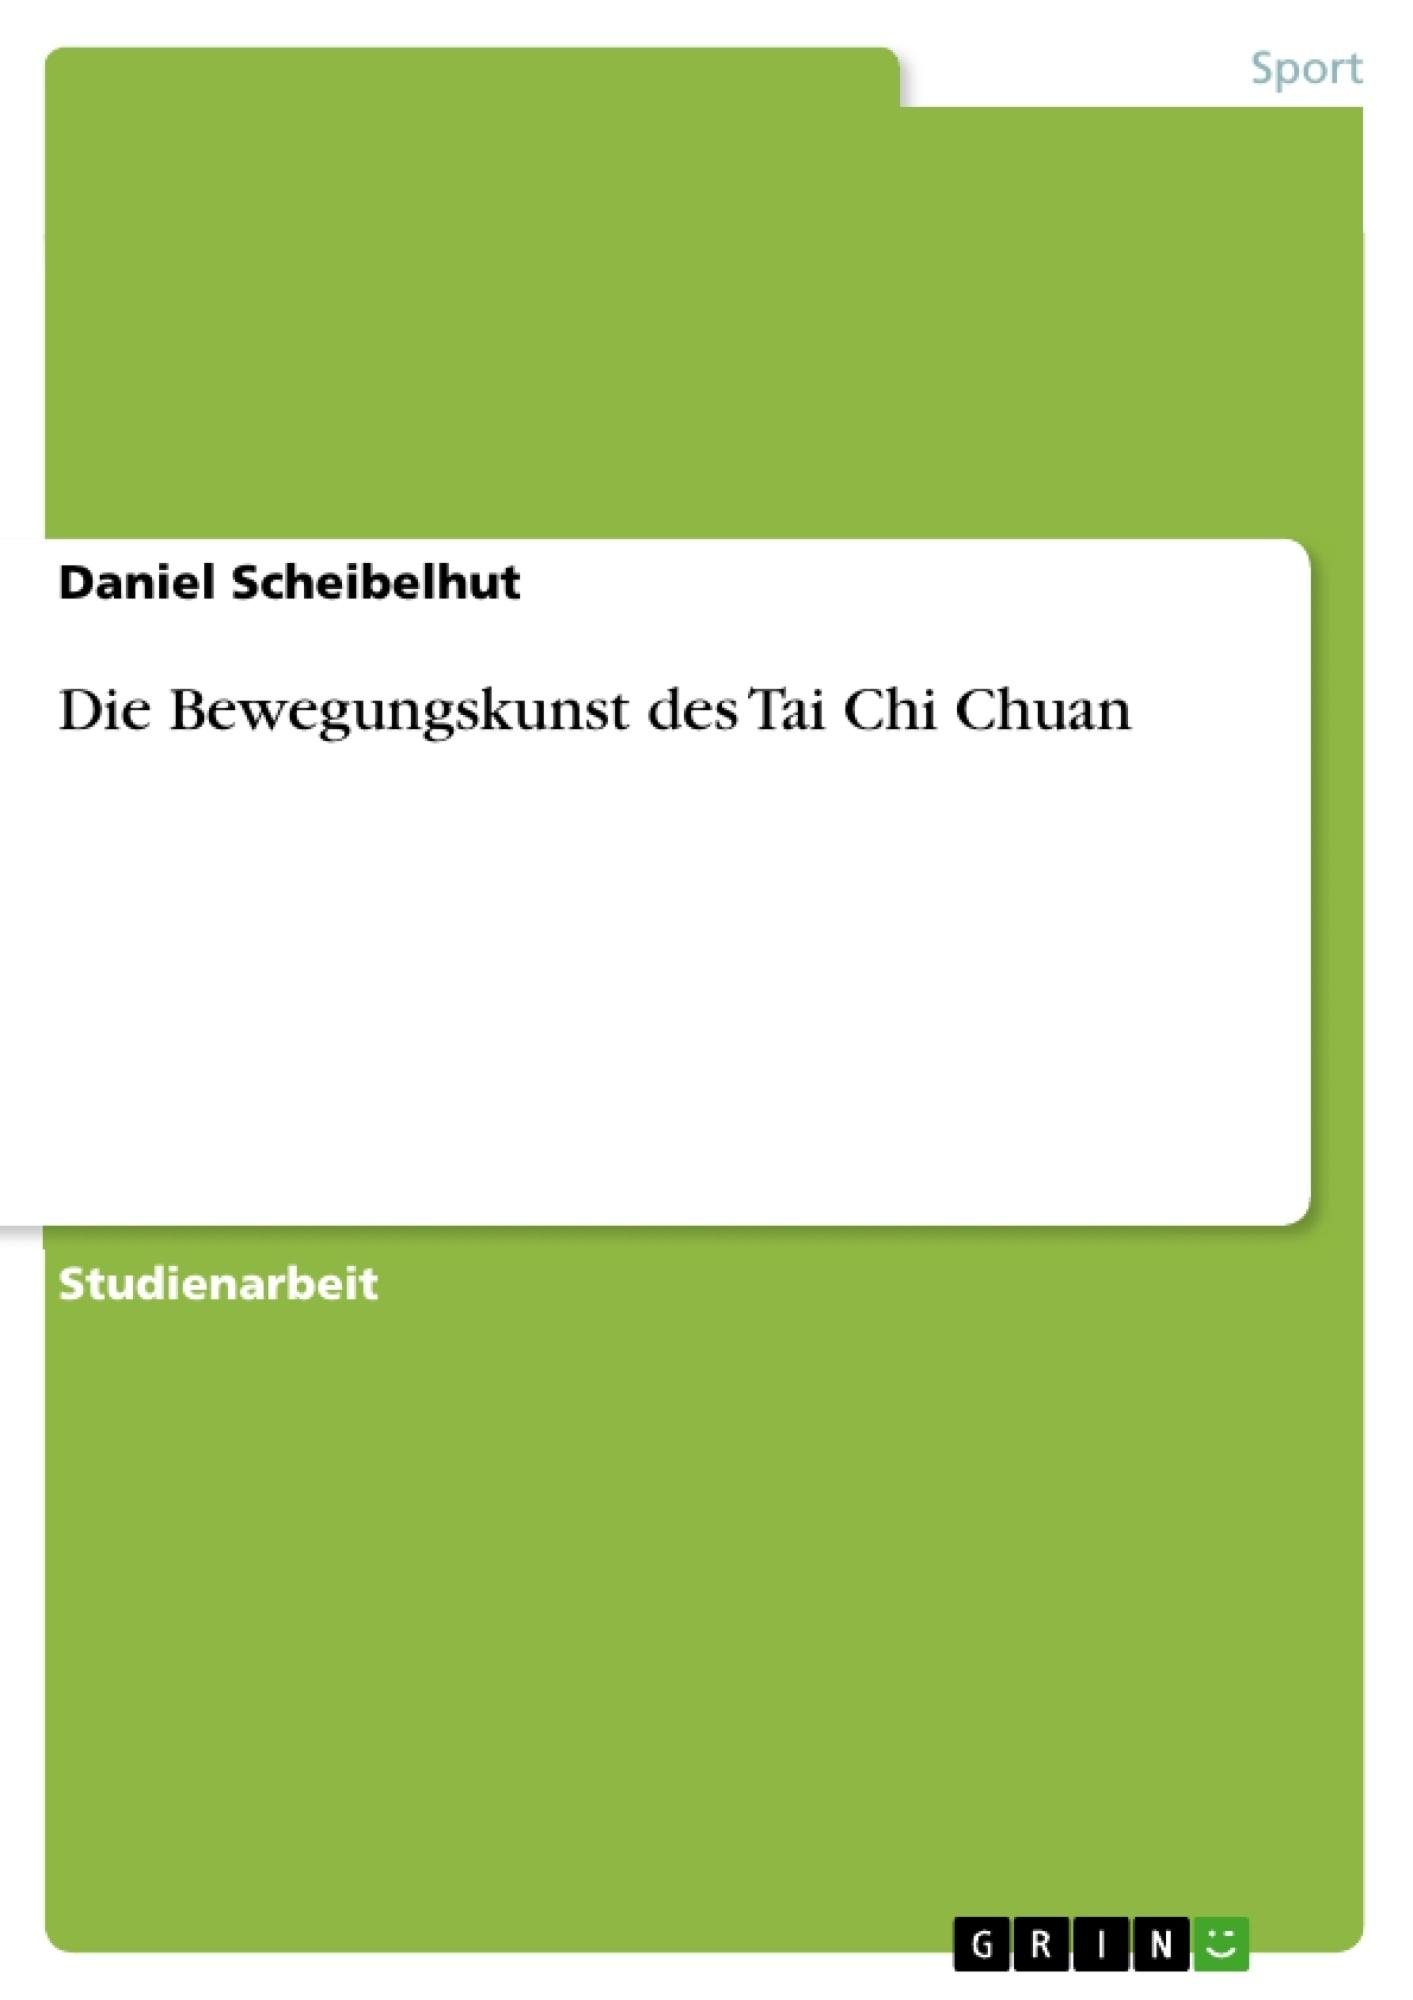 Titel: Die Bewegungskunst des Tai Chi Chuan